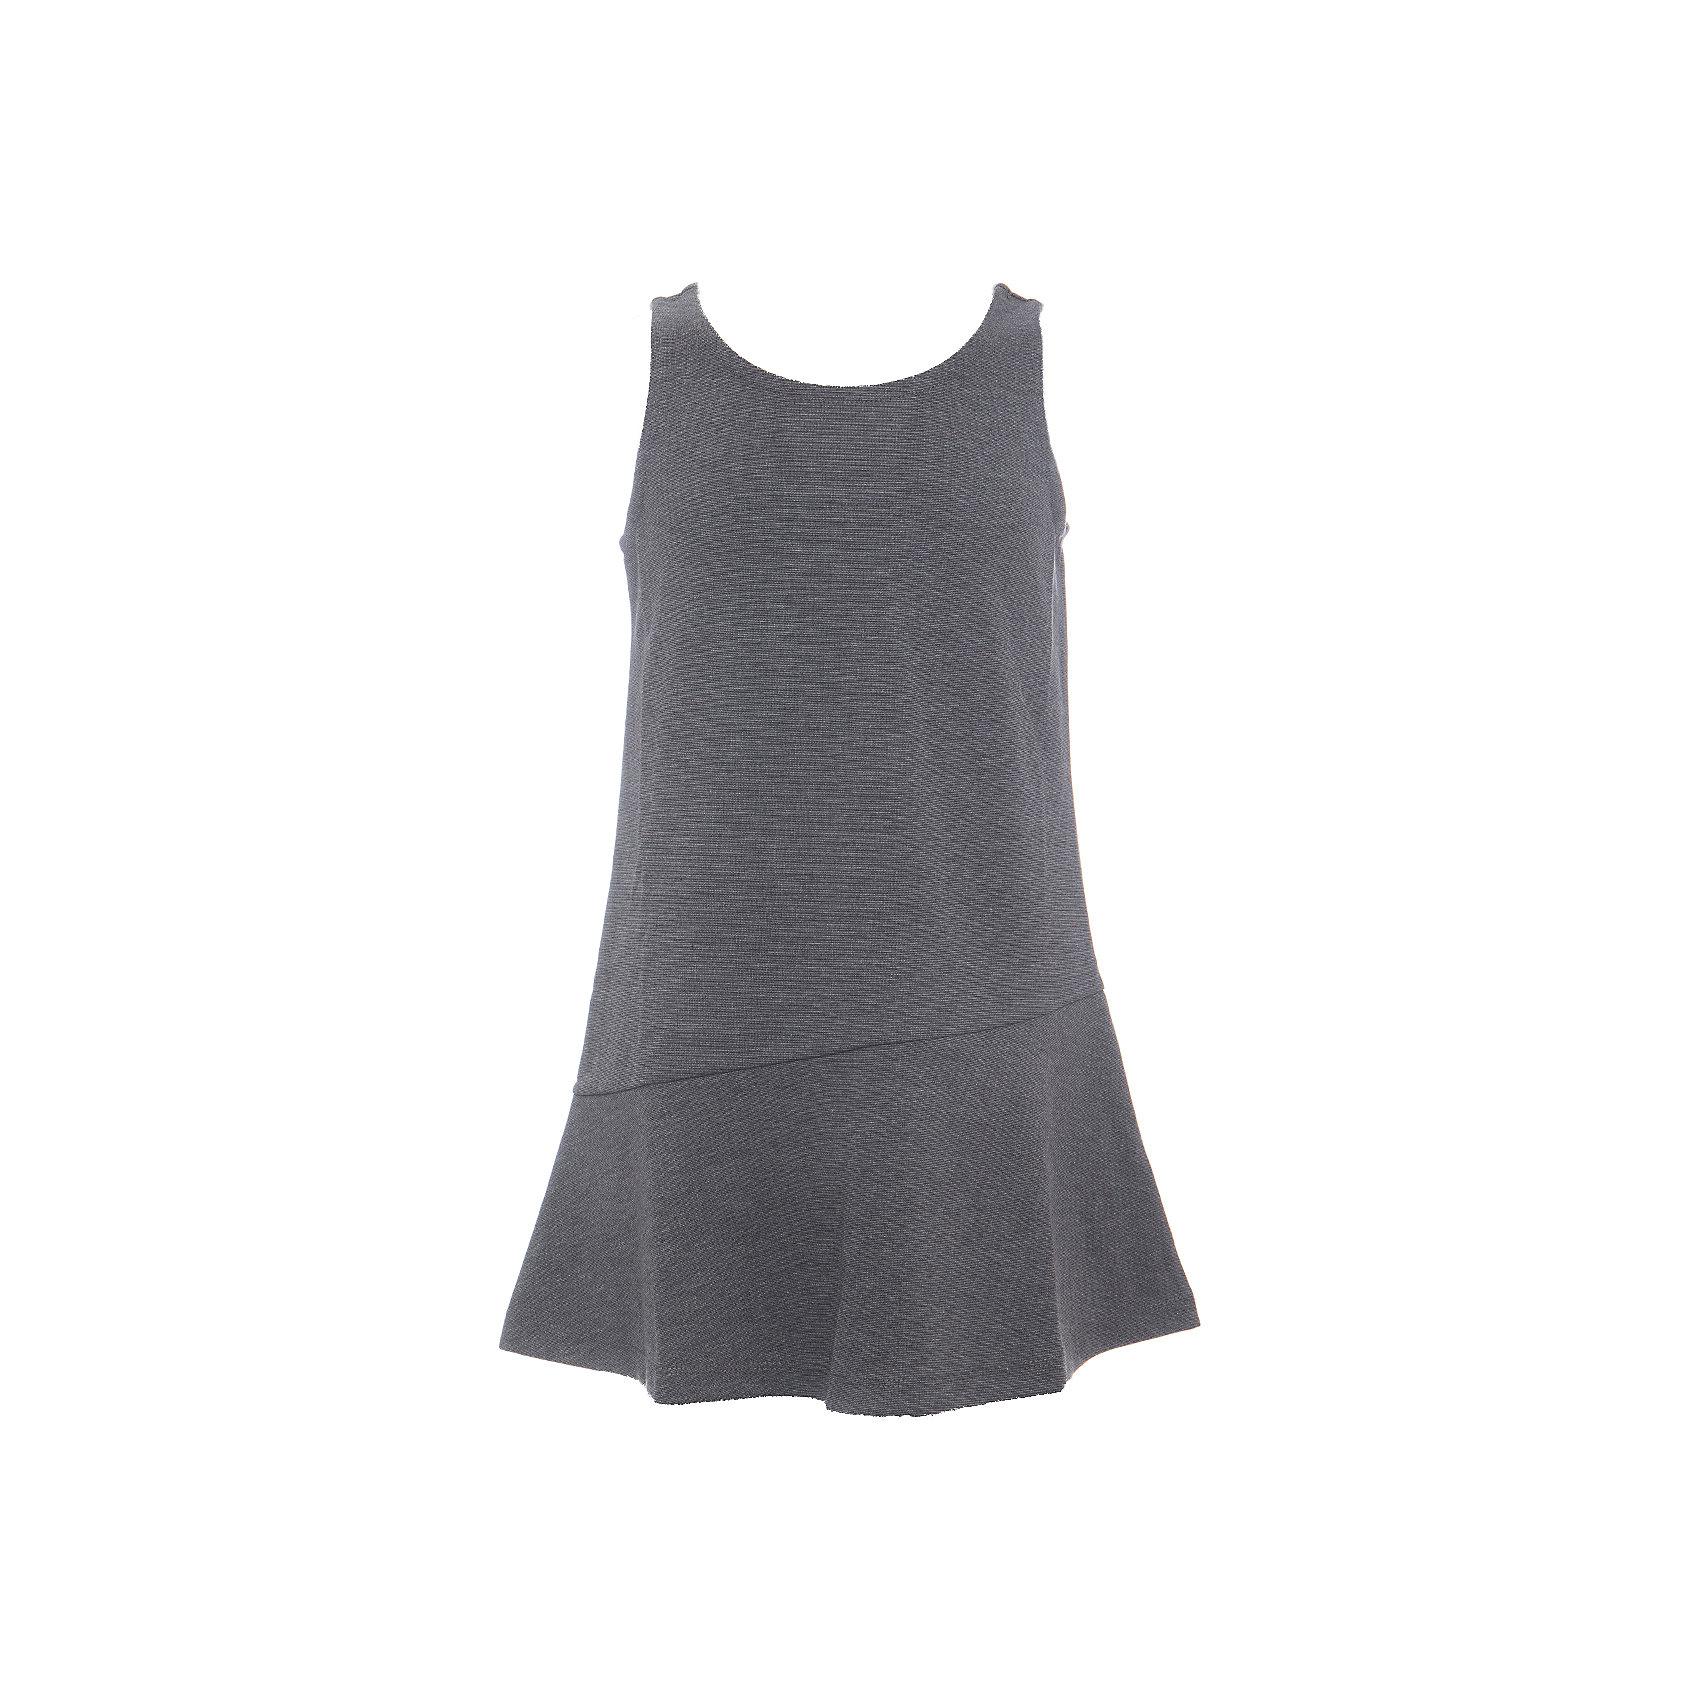 Платье SELA для девочкиПлатья и сарафаны<br>Характеристики товара:<br><br>• цвет: темно-серый меланж;<br>• состав: 75% полиэстер, 21% вискоза, 4% эластан;<br>• сезон: демисезон;<br>• особенности: школьный, повседневный;<br>• без рукавов;<br>• полуприлегающий, расширенный к низу силуэт;<br>• страна бренда: Россия;<br>• страна изготовитель: Китай.<br><br>Школьный сарафан без рукавов для девочки. Силуэт полуприлегающий, расширенный к низу. Однотонный сарафан выполнен в цвете темно-серый меланж.<br><br>Платье Sela (Села) для девочки можно купить в нашем интернет-магазине.<br><br>Ширина мм: 236<br>Глубина мм: 16<br>Высота мм: 184<br>Вес г: 177<br>Цвет: серый<br>Возраст от месяцев: 156<br>Возраст до месяцев: 168<br>Пол: Женский<br>Возраст: Детский<br>Размер: 164,122,128,134,140,146,152<br>SKU: 7009618